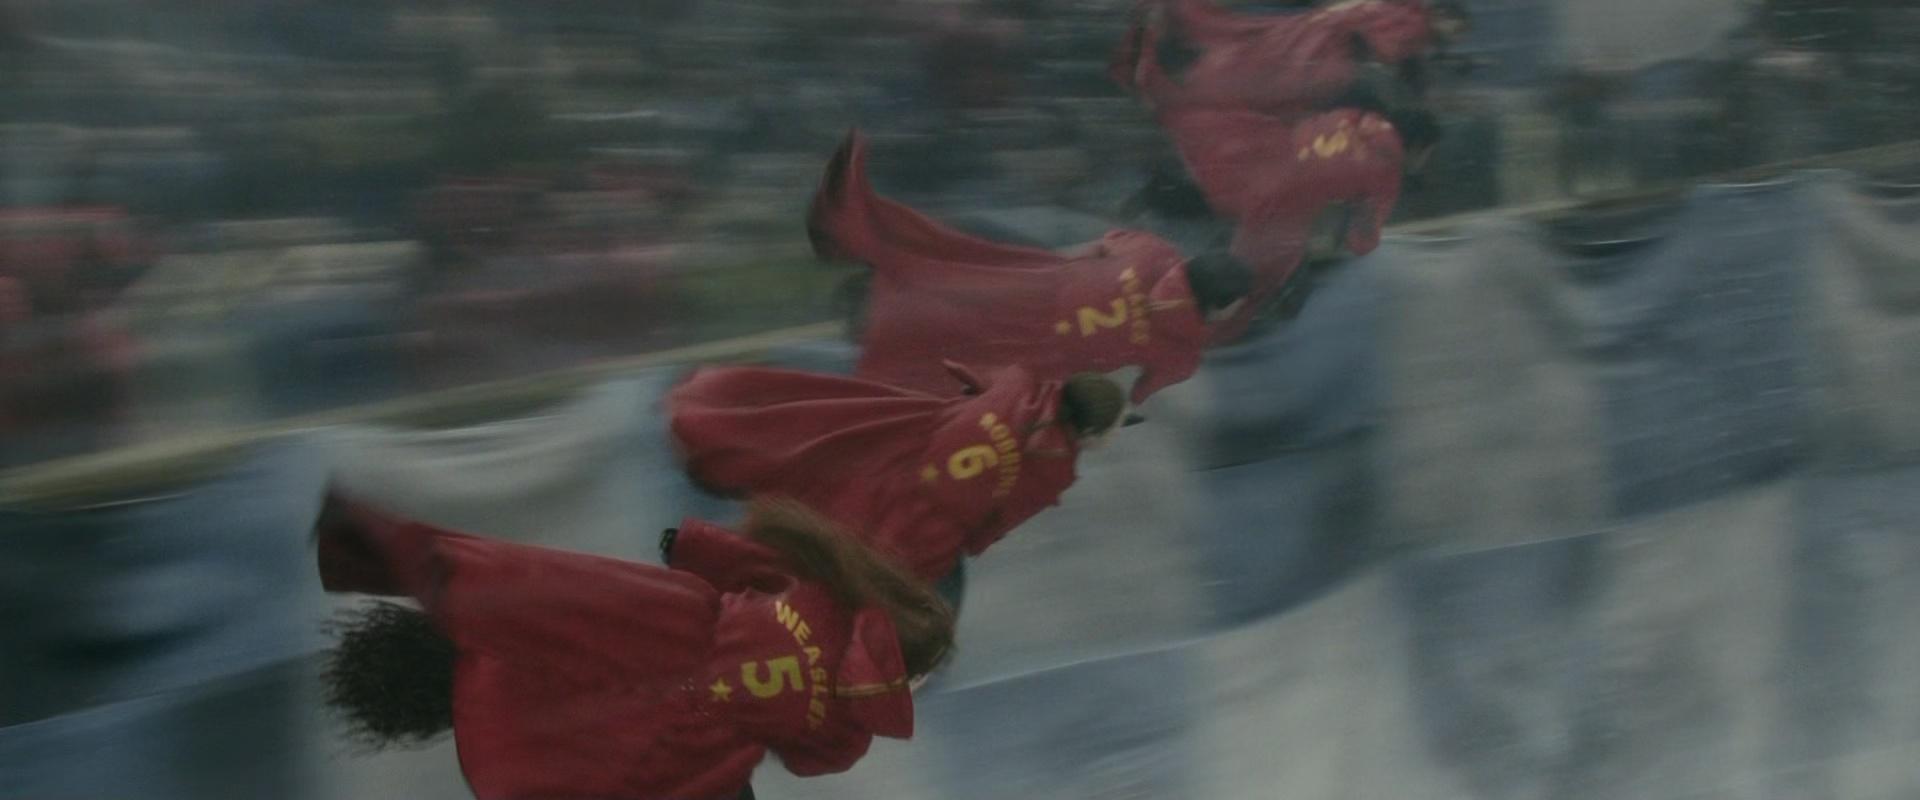 File:Gryffindor quidditch.jpg